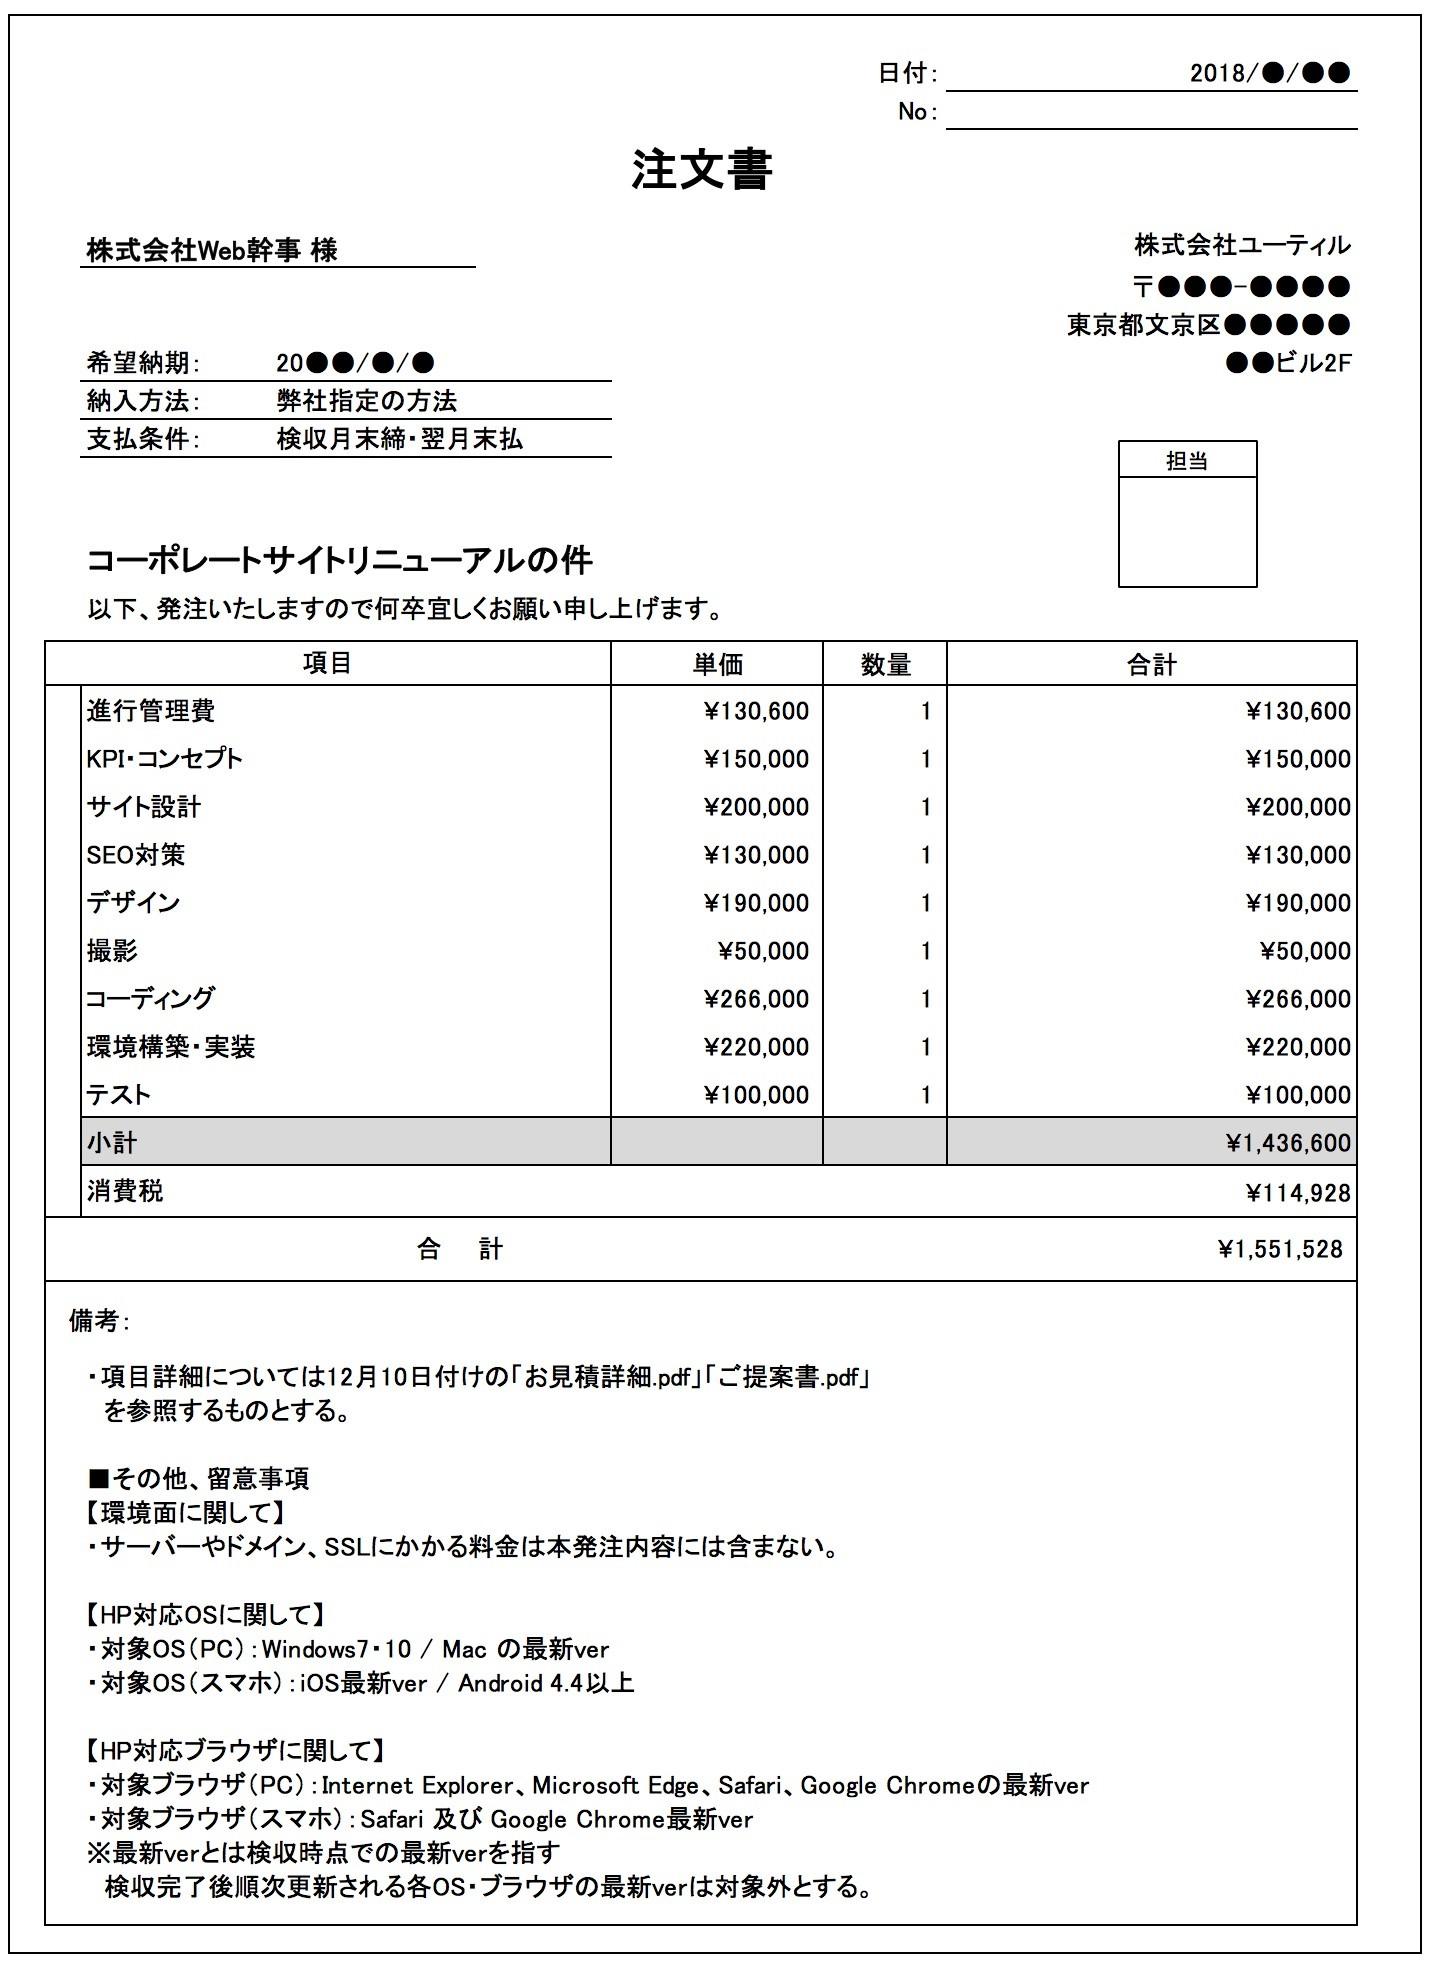 発注書・注文書 サンプル(Excel形式)のサムネイル